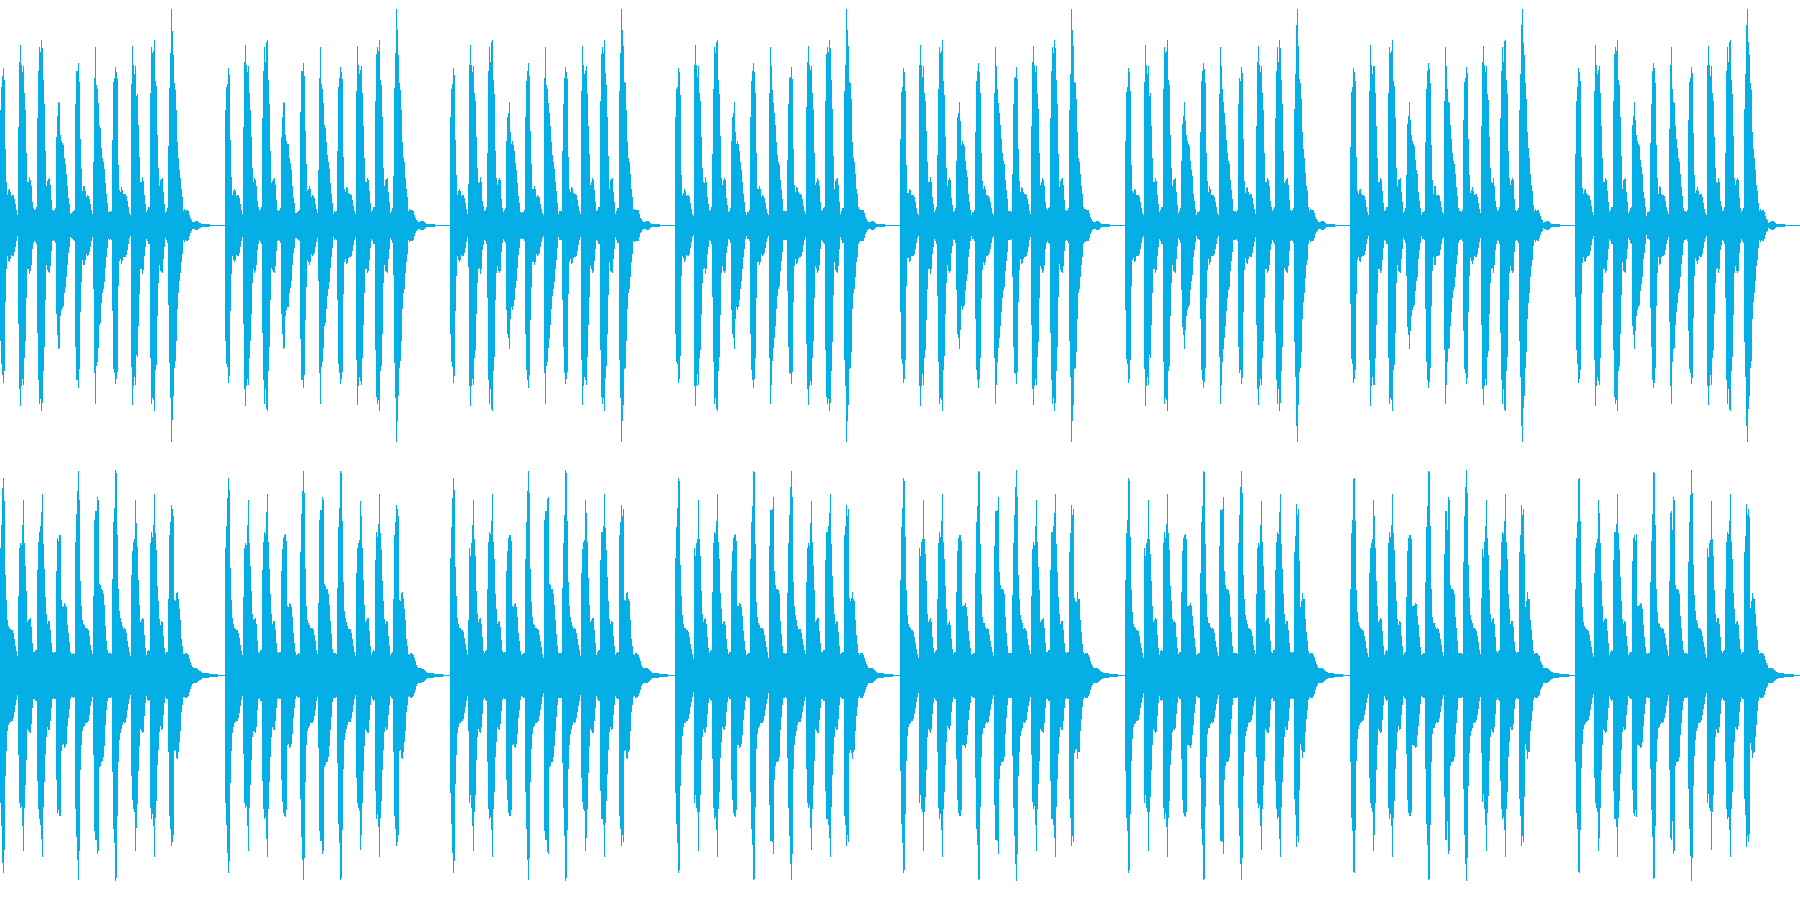 水中を漂うような浮遊感のある曲の再生済みの波形